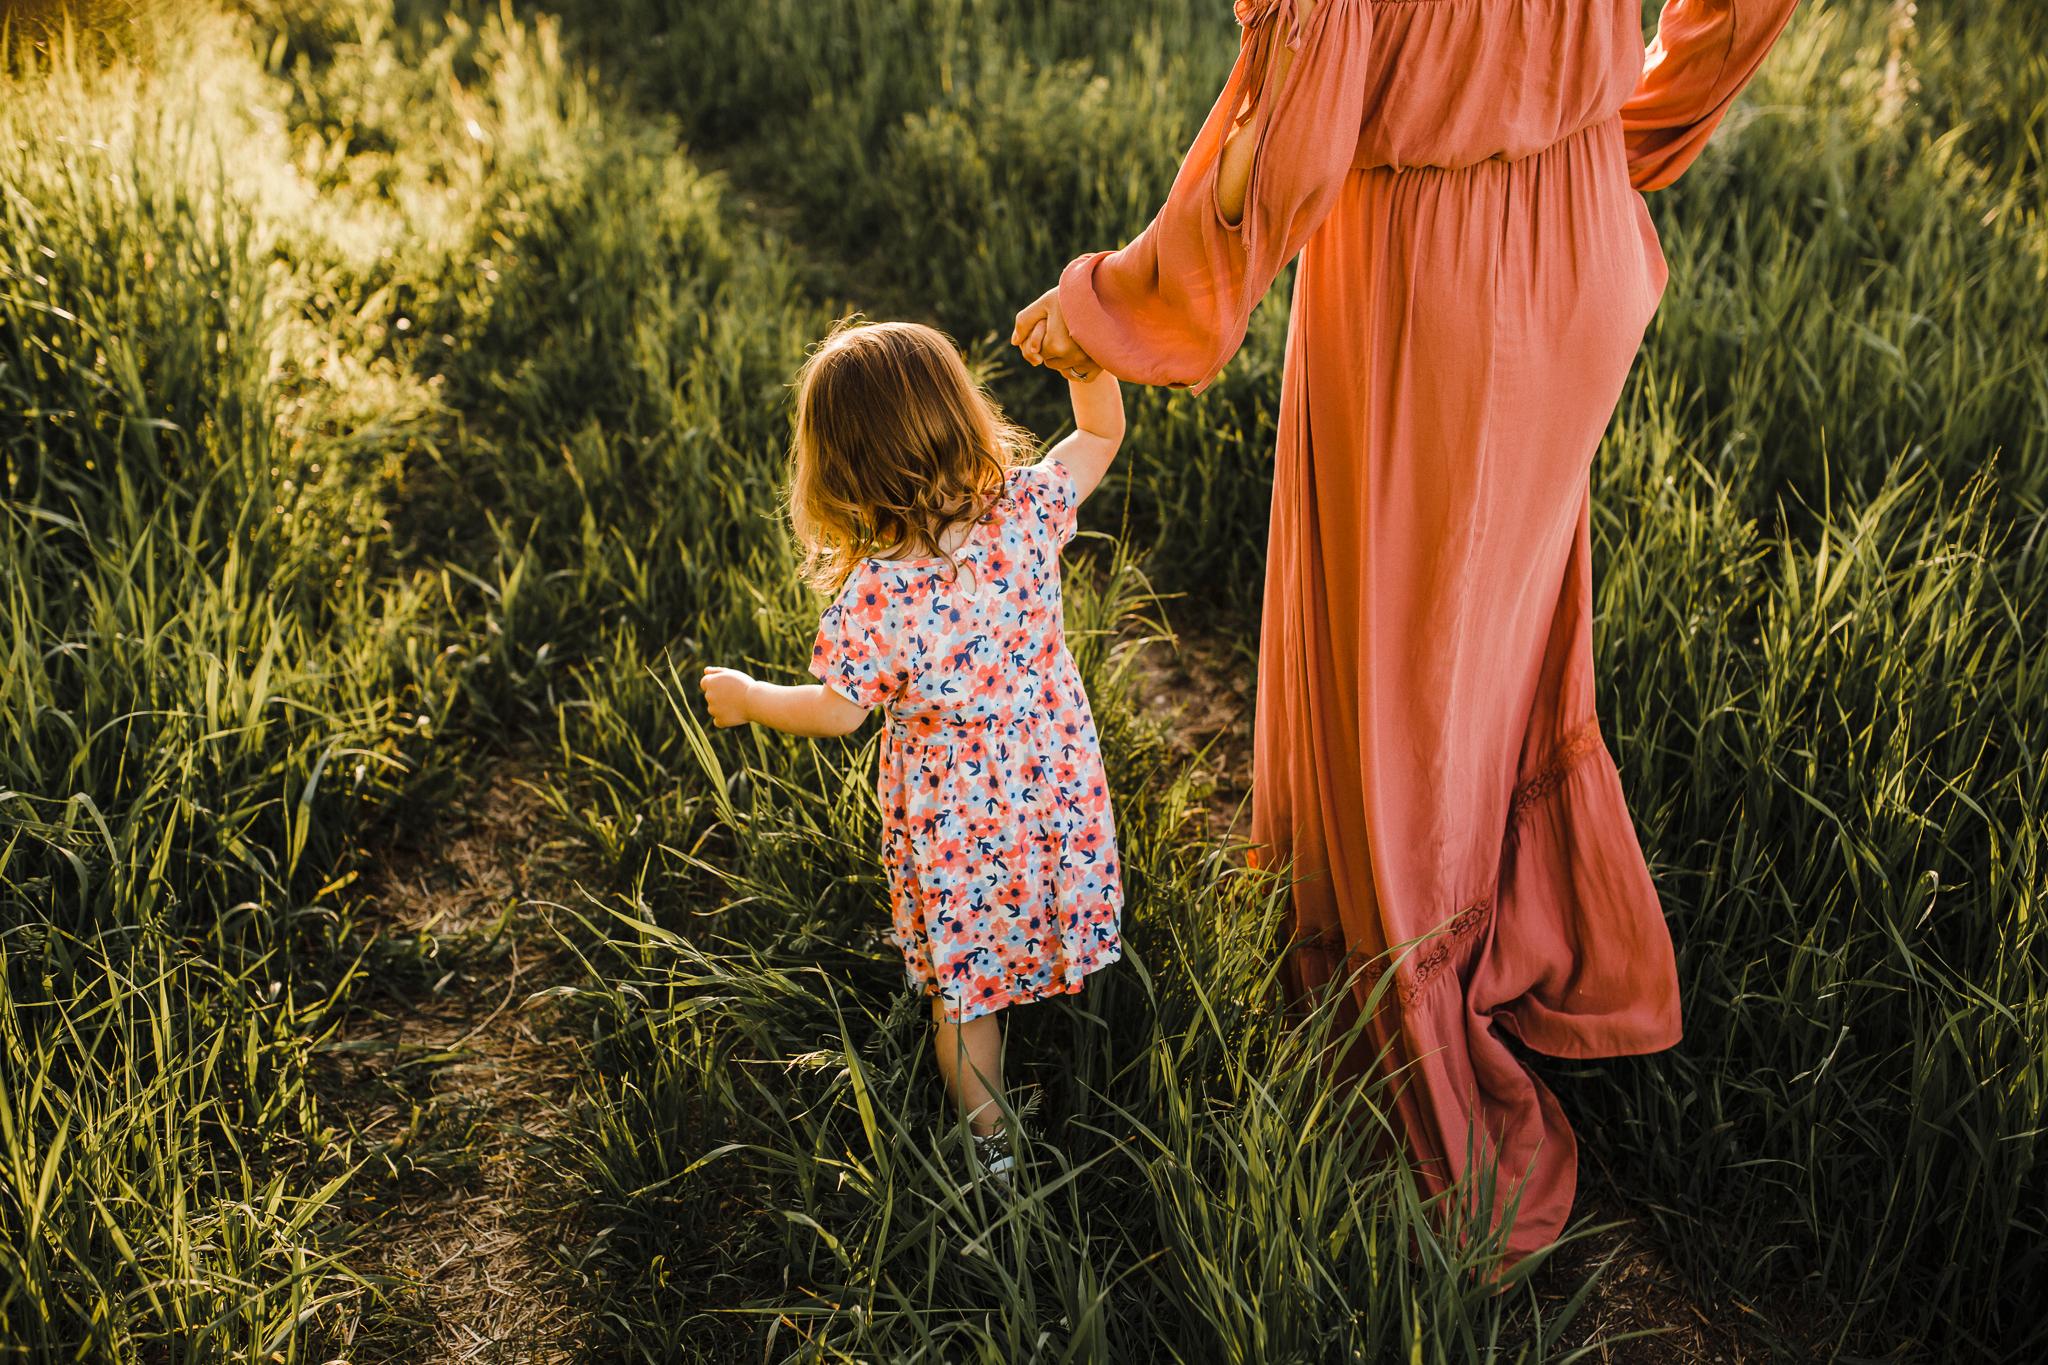 Alina-Joy-Photography-Cold-Lake-Lifestyle-Photographer-2-27.jpg